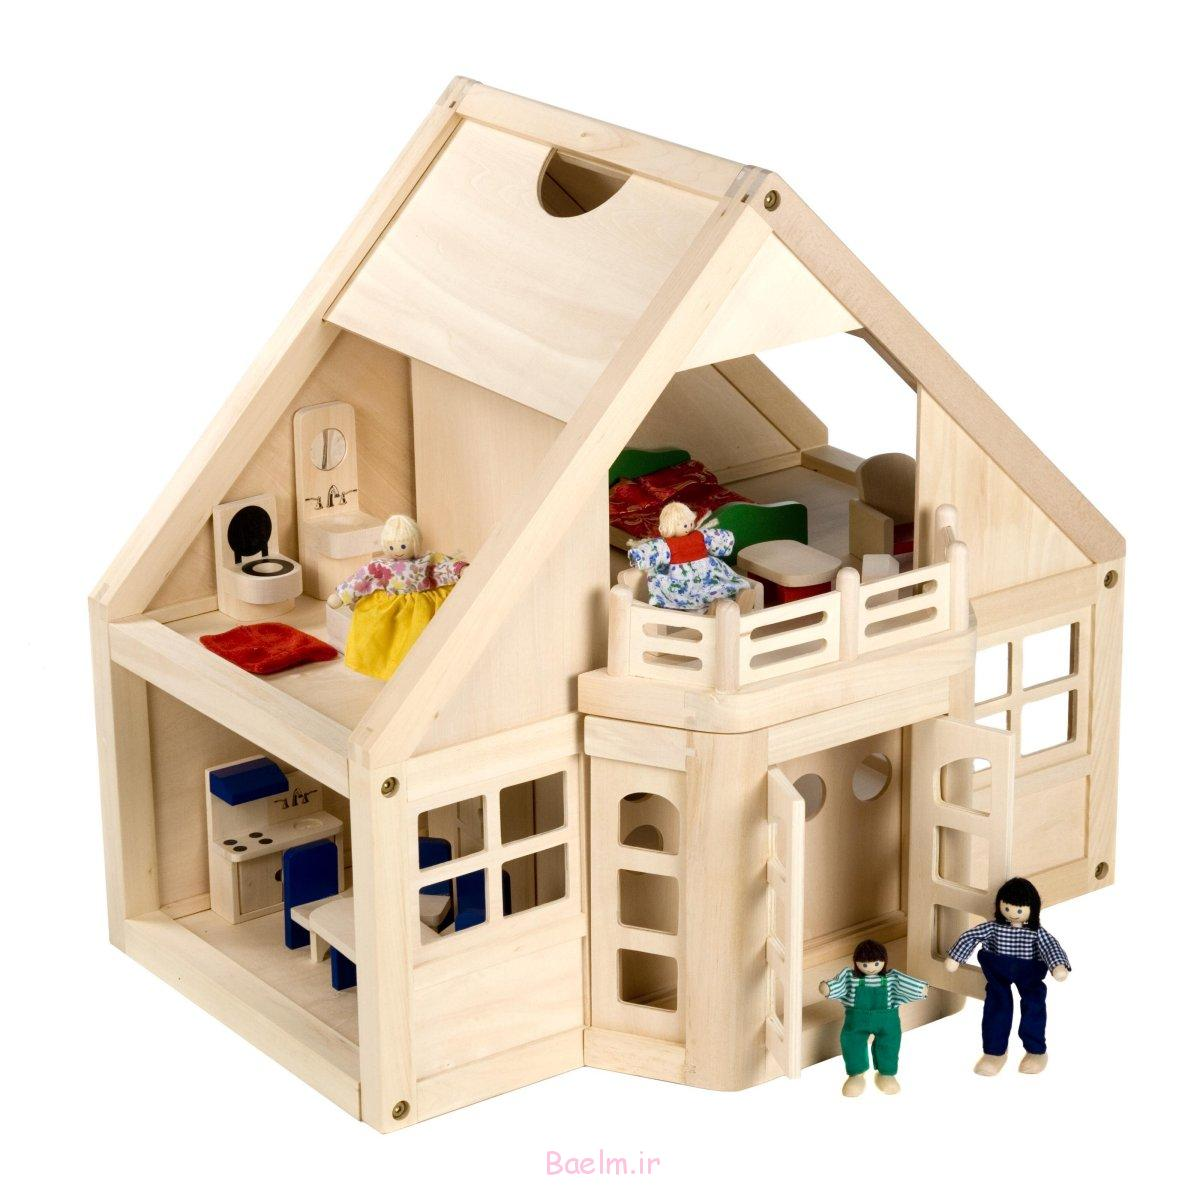 عکس هایی بسیار جالب از خانه های عروسکی چوبی (بسیار شیک و فانتزی)